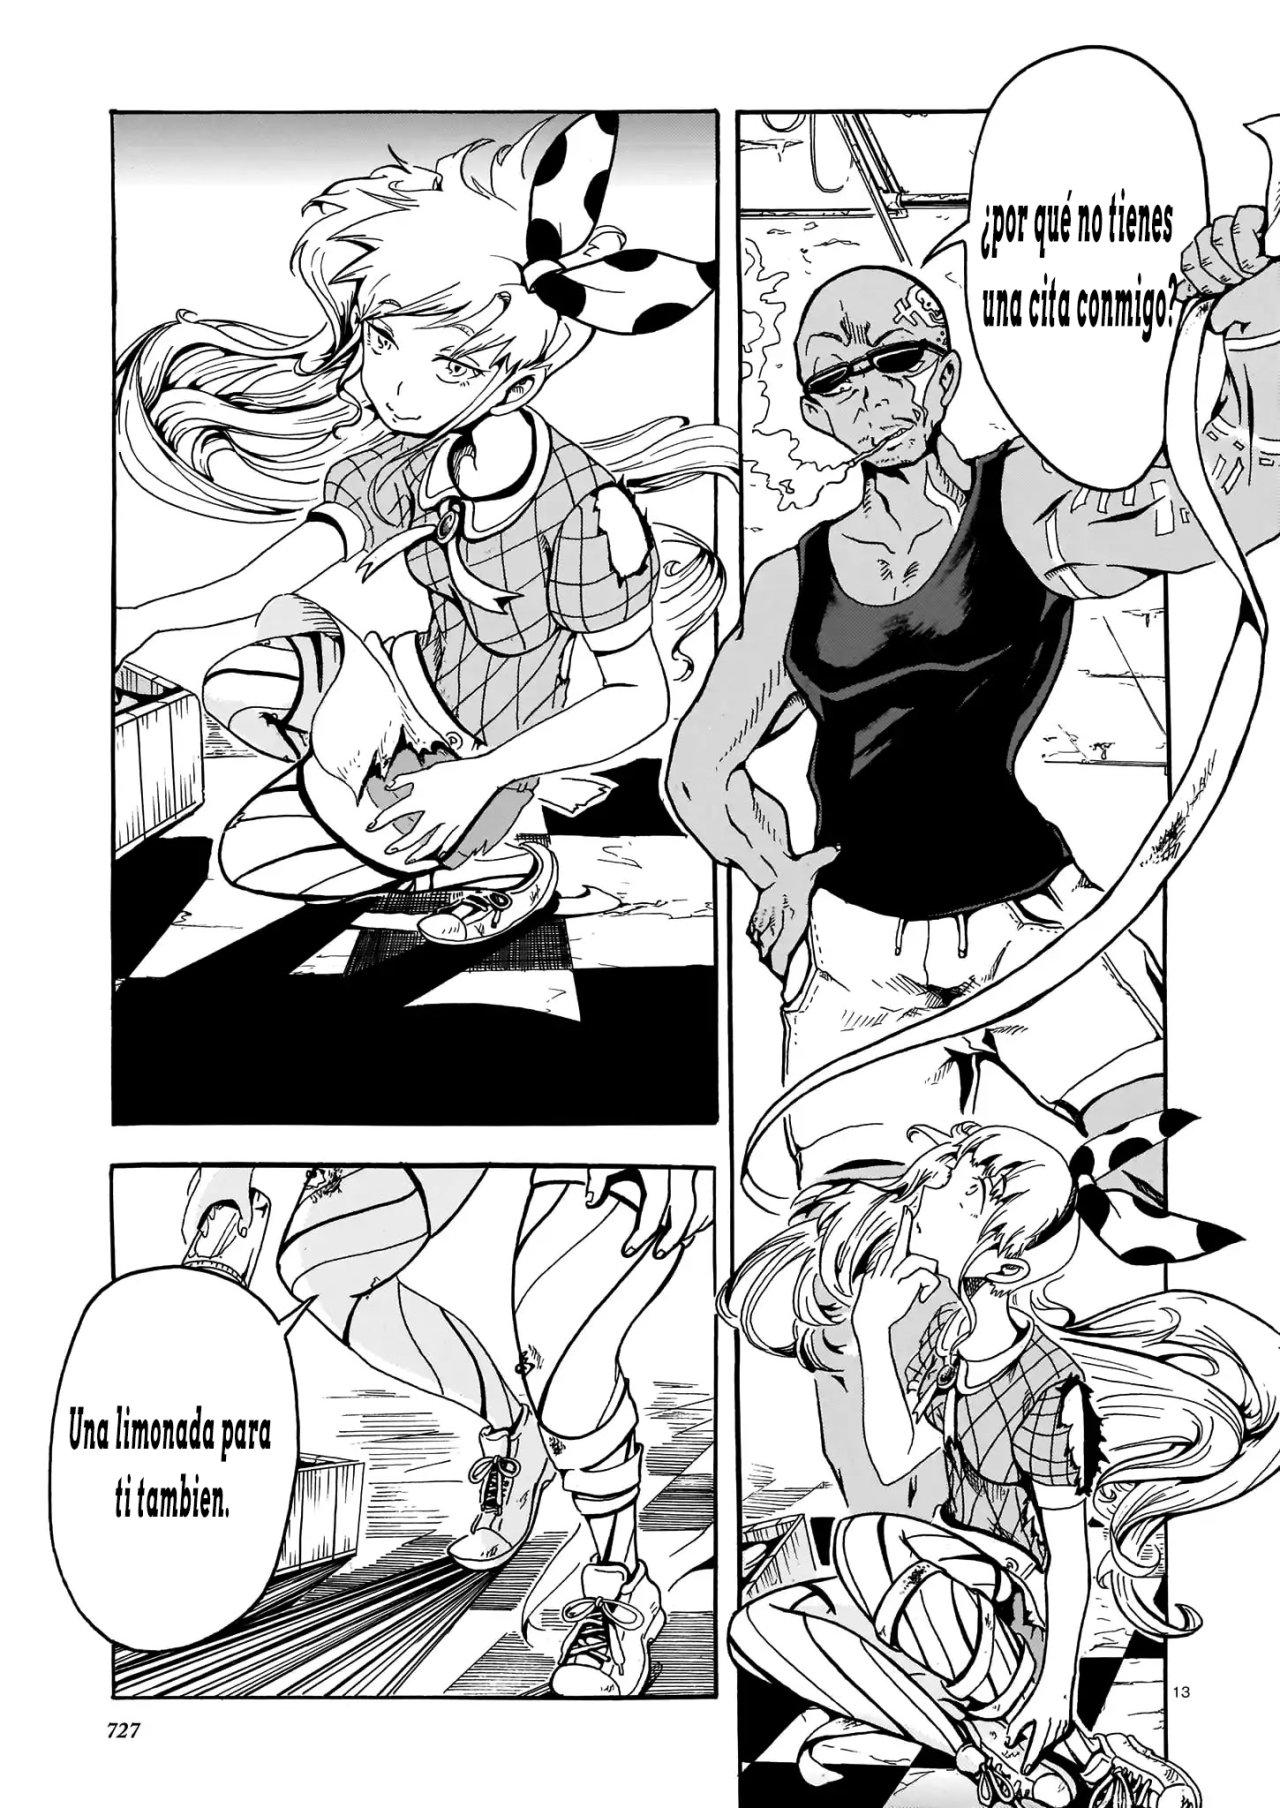 https://nine.mangadogs.com/es_manga/pic8/15/36687/947413/1dd01cf281fdfd89844be3e5f8dba461.jpg Page 12